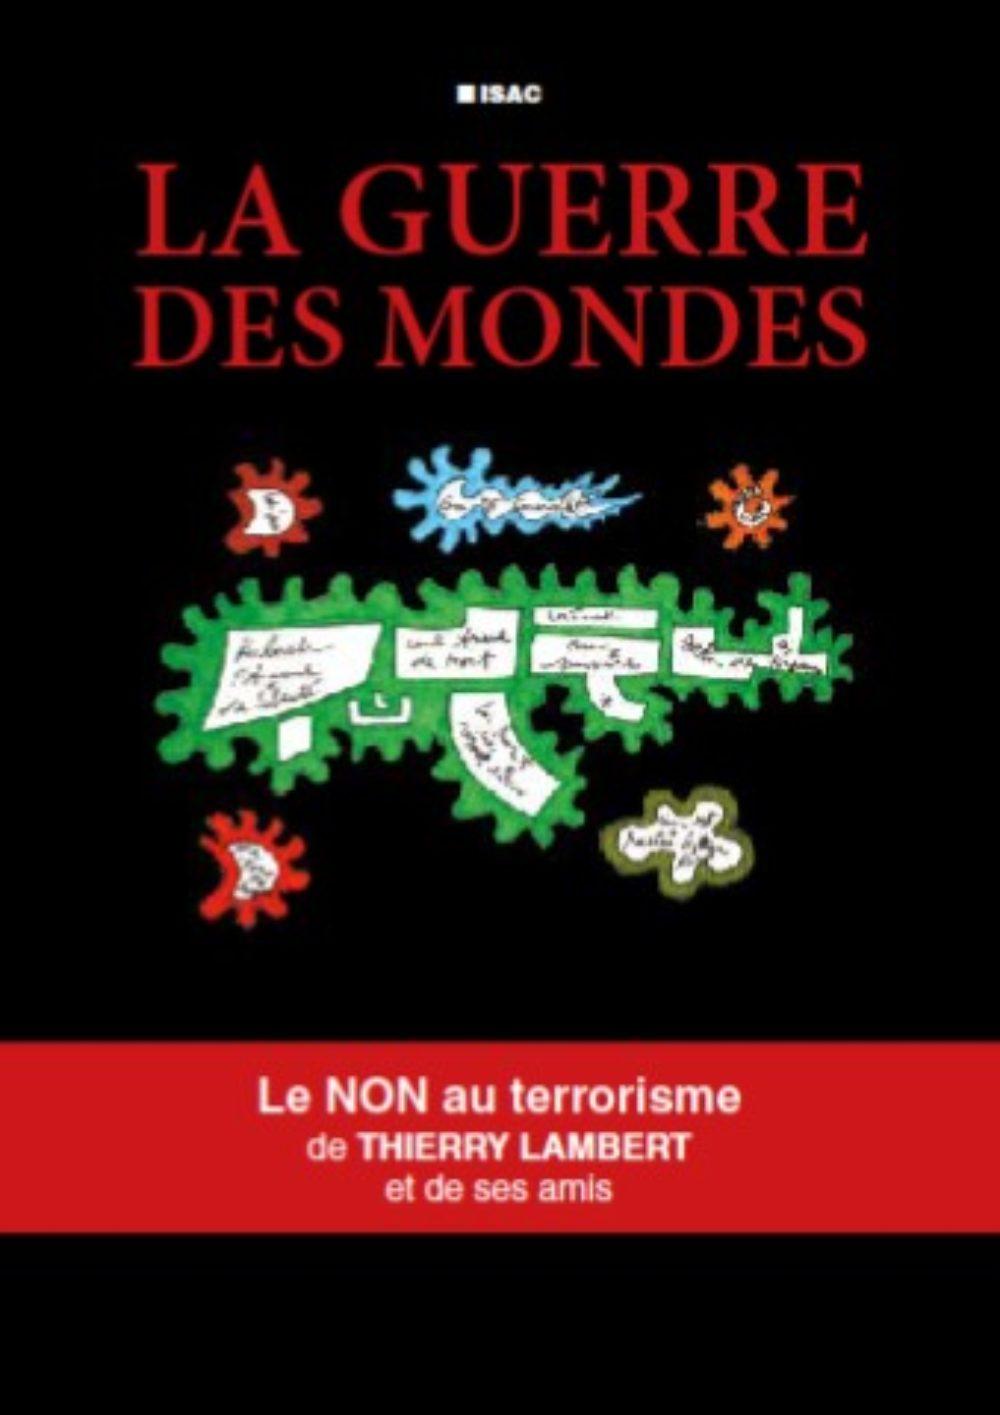 Publication et exposition de Thierry Lambert